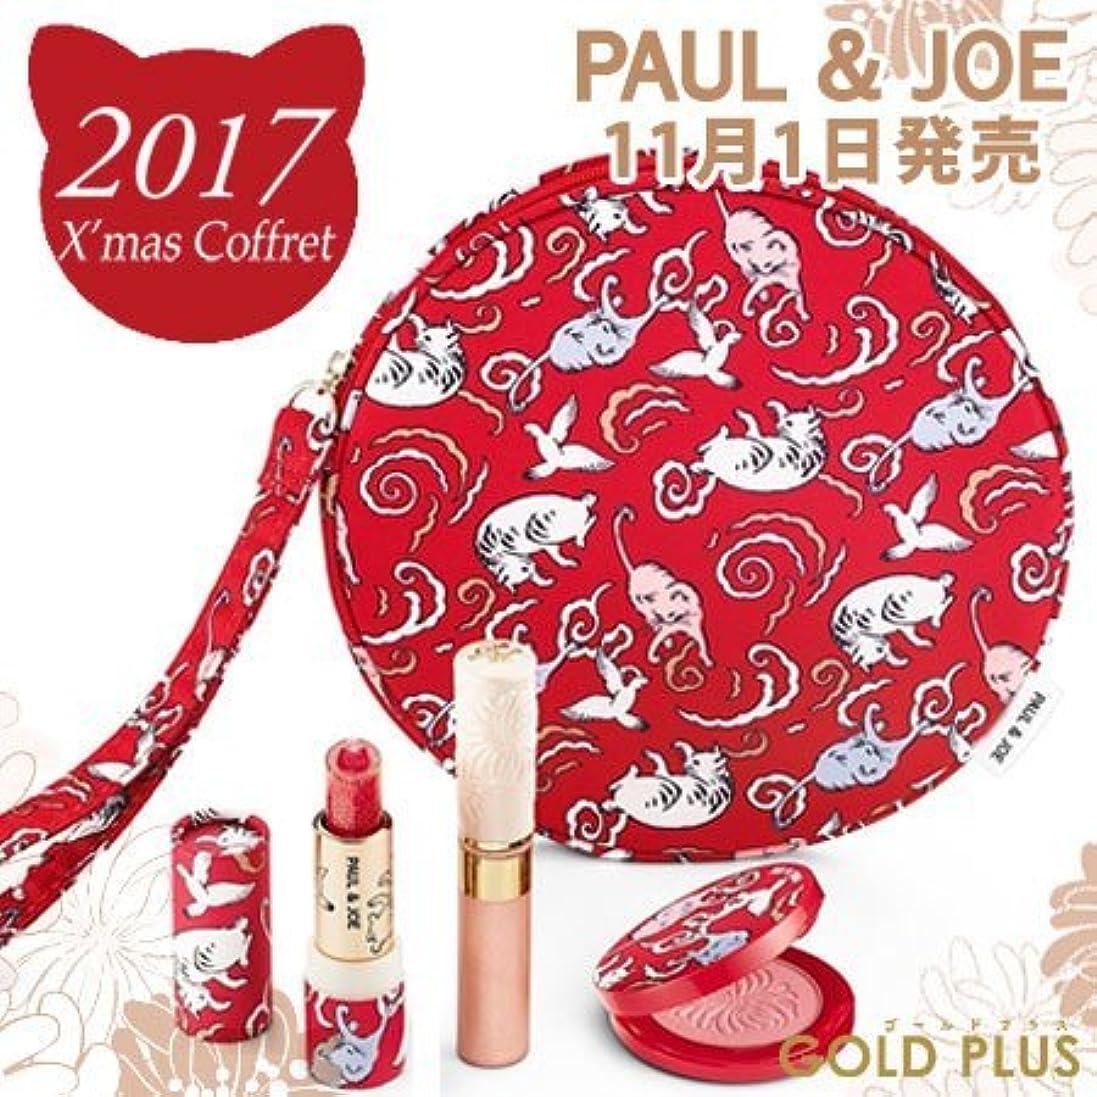 セッティング信頼できるホールドポール&ジョー メイクアップ コレクション 2017 【 2017 クリスマス コフレ 】限定品 -PAUL&JOE-